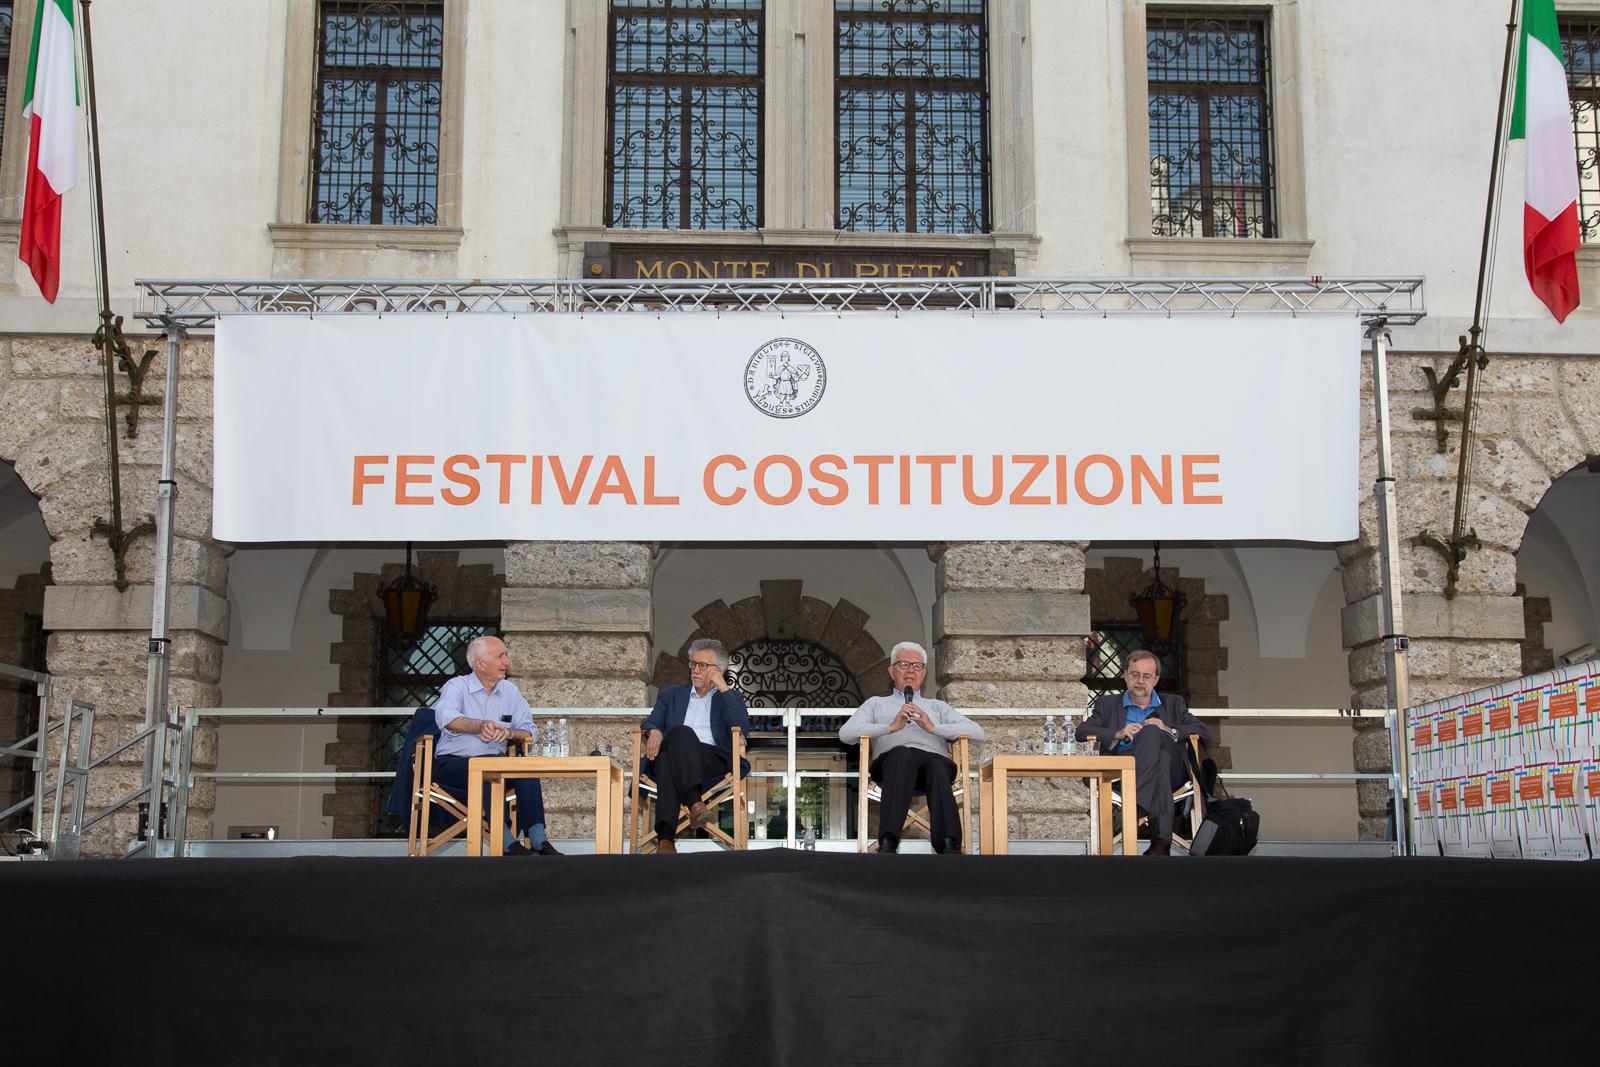 Festival Costituzione 2014: Umberto Allegretti, Mauro Barberis, Piero Ignazi